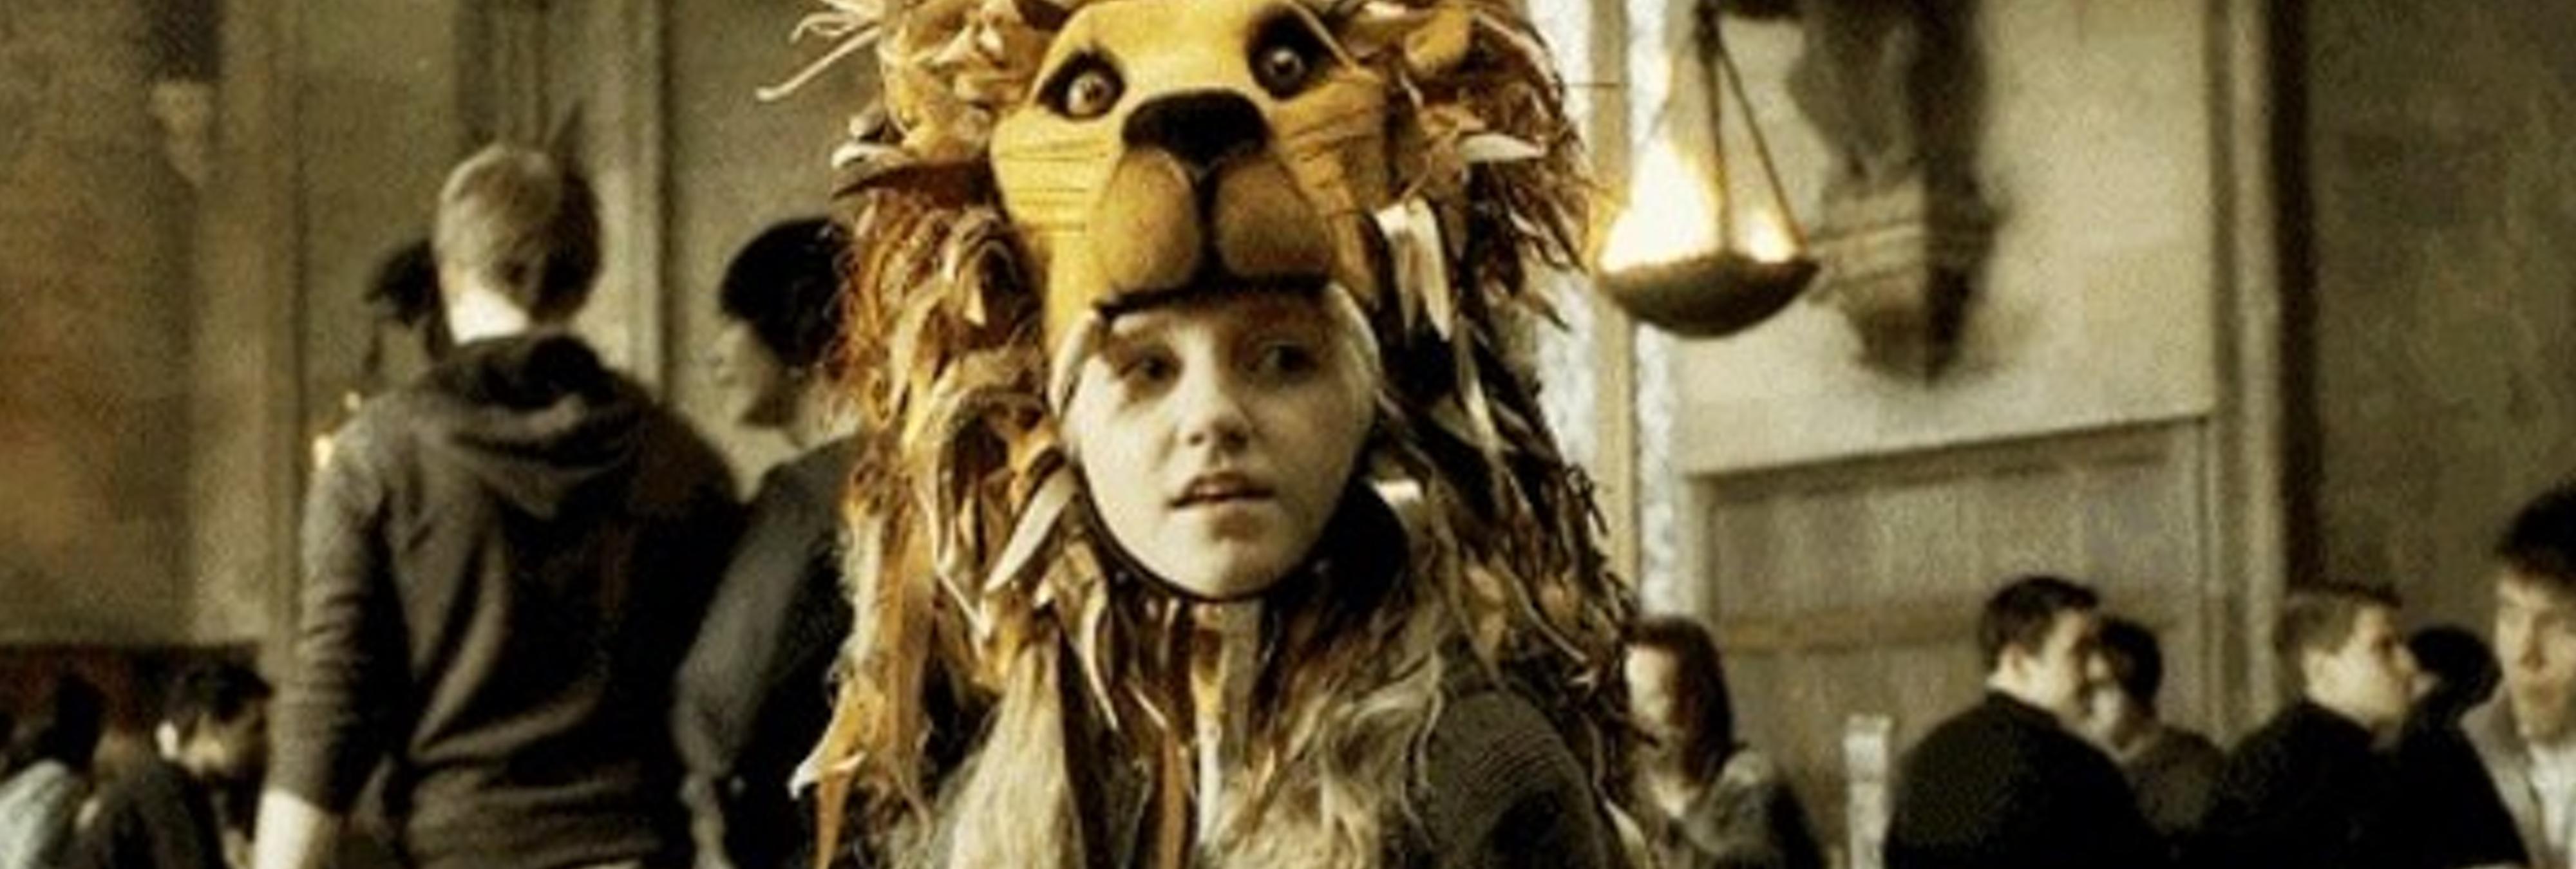 Evanna Lynch, Luna Lovegood en 'Harry Potter', afirma que el mundo mágico existe de verdad